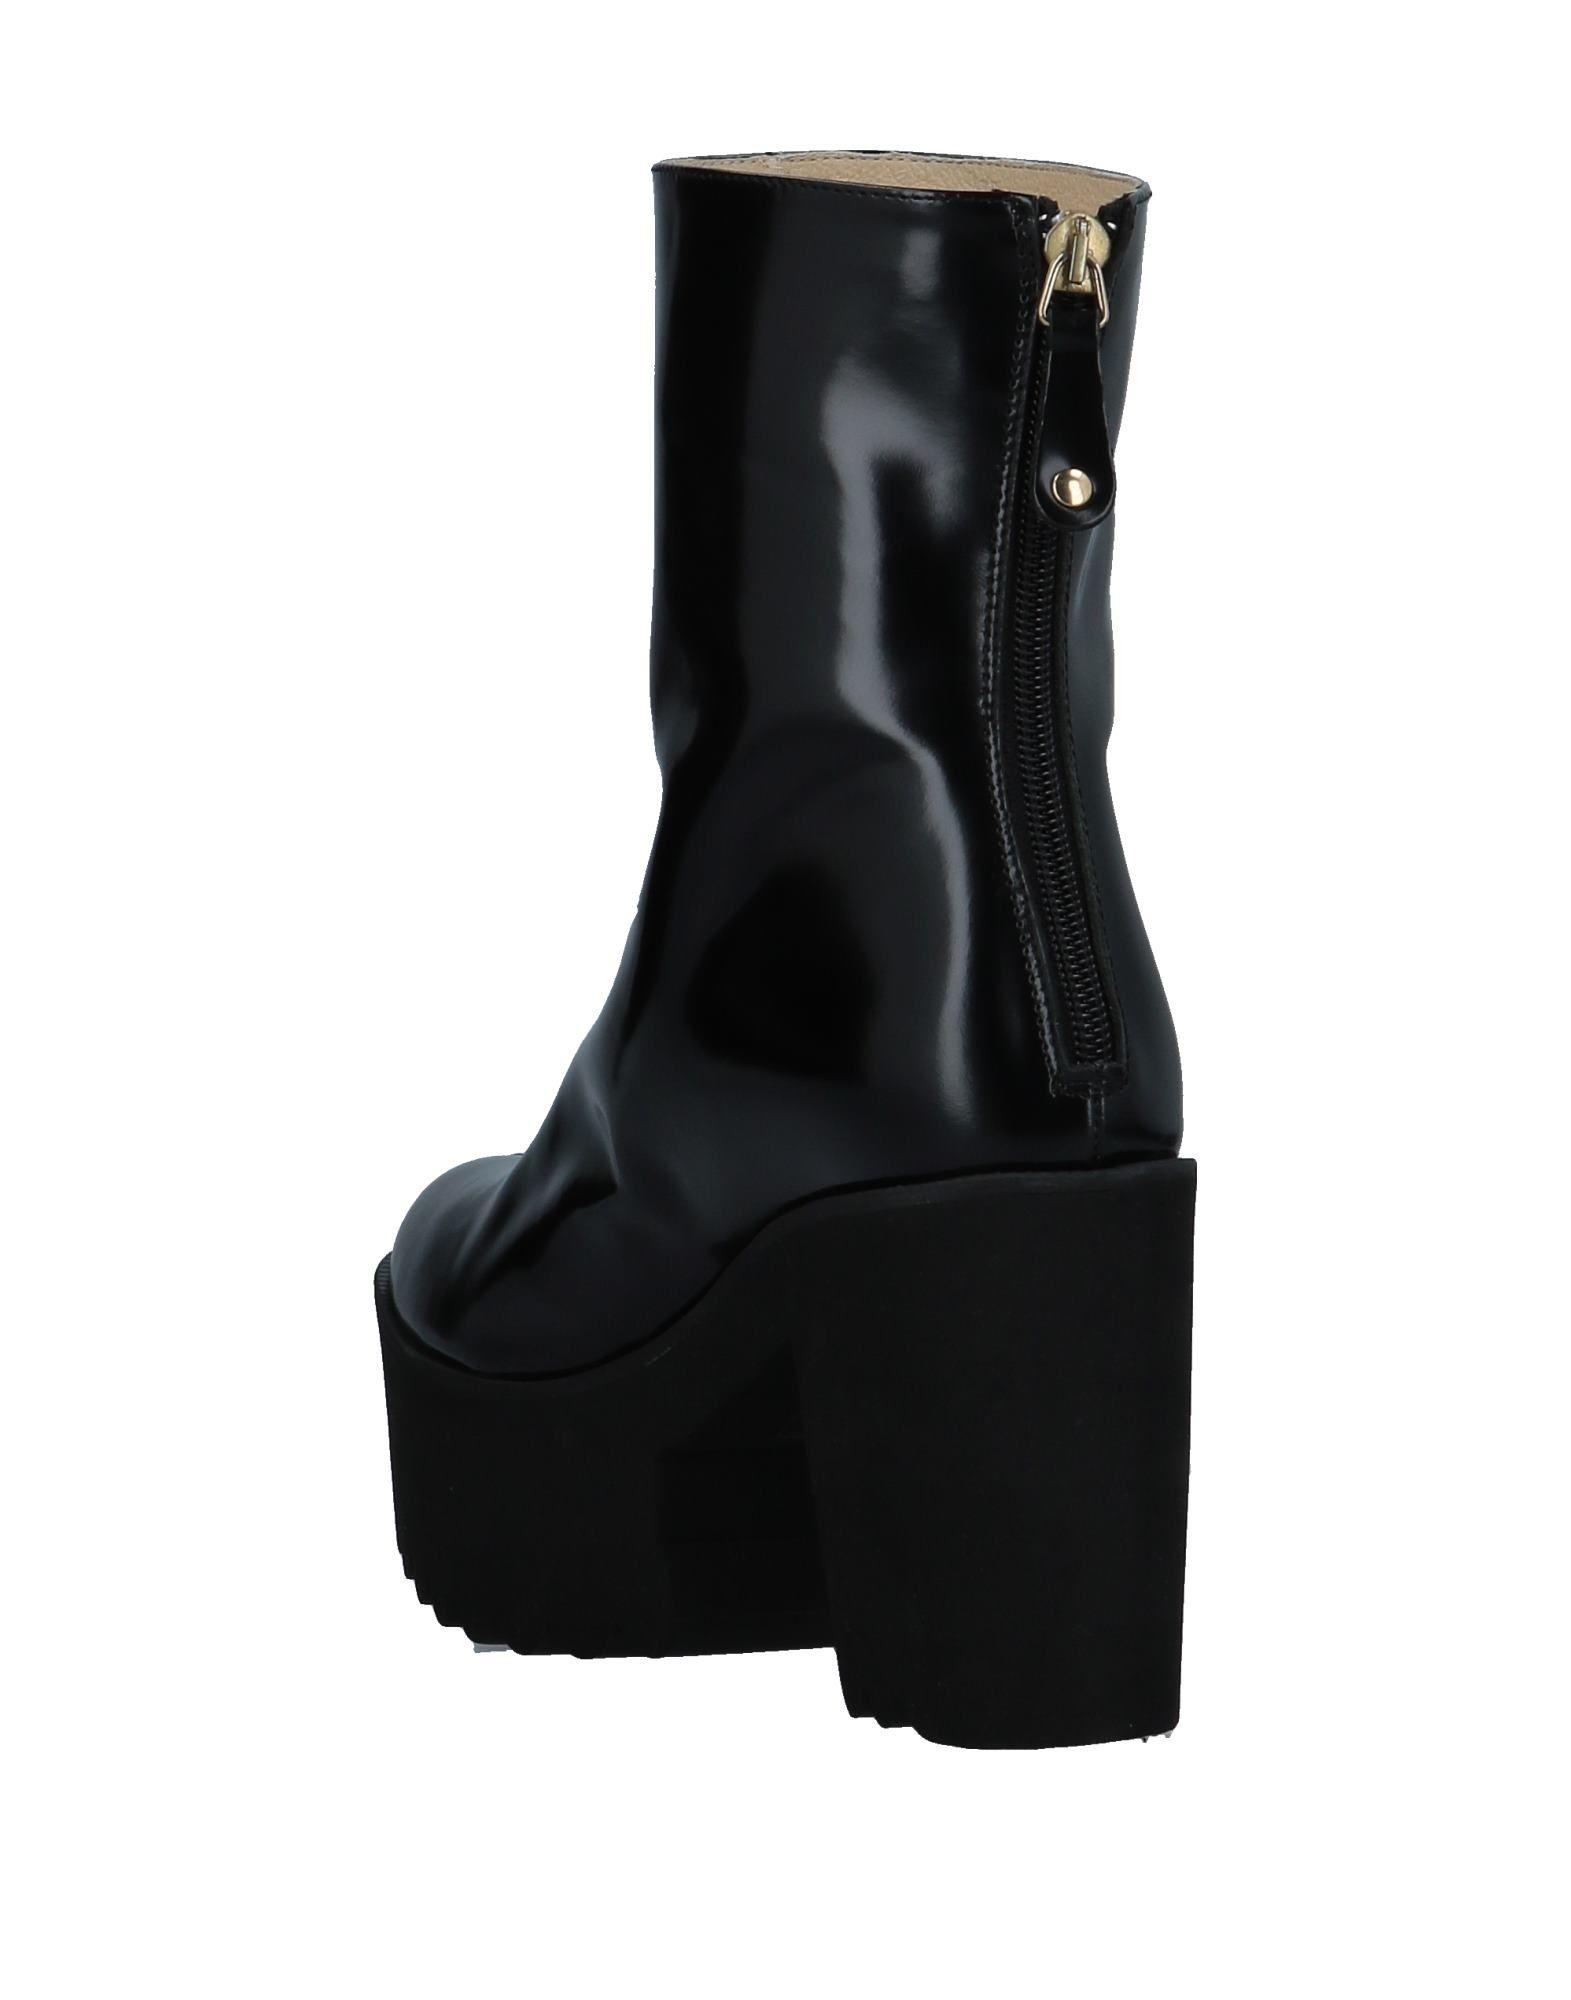 Palomitas By Paloma Barceló Stiefelette Damen  11521850WA Gute Qualität beliebte Schuhe